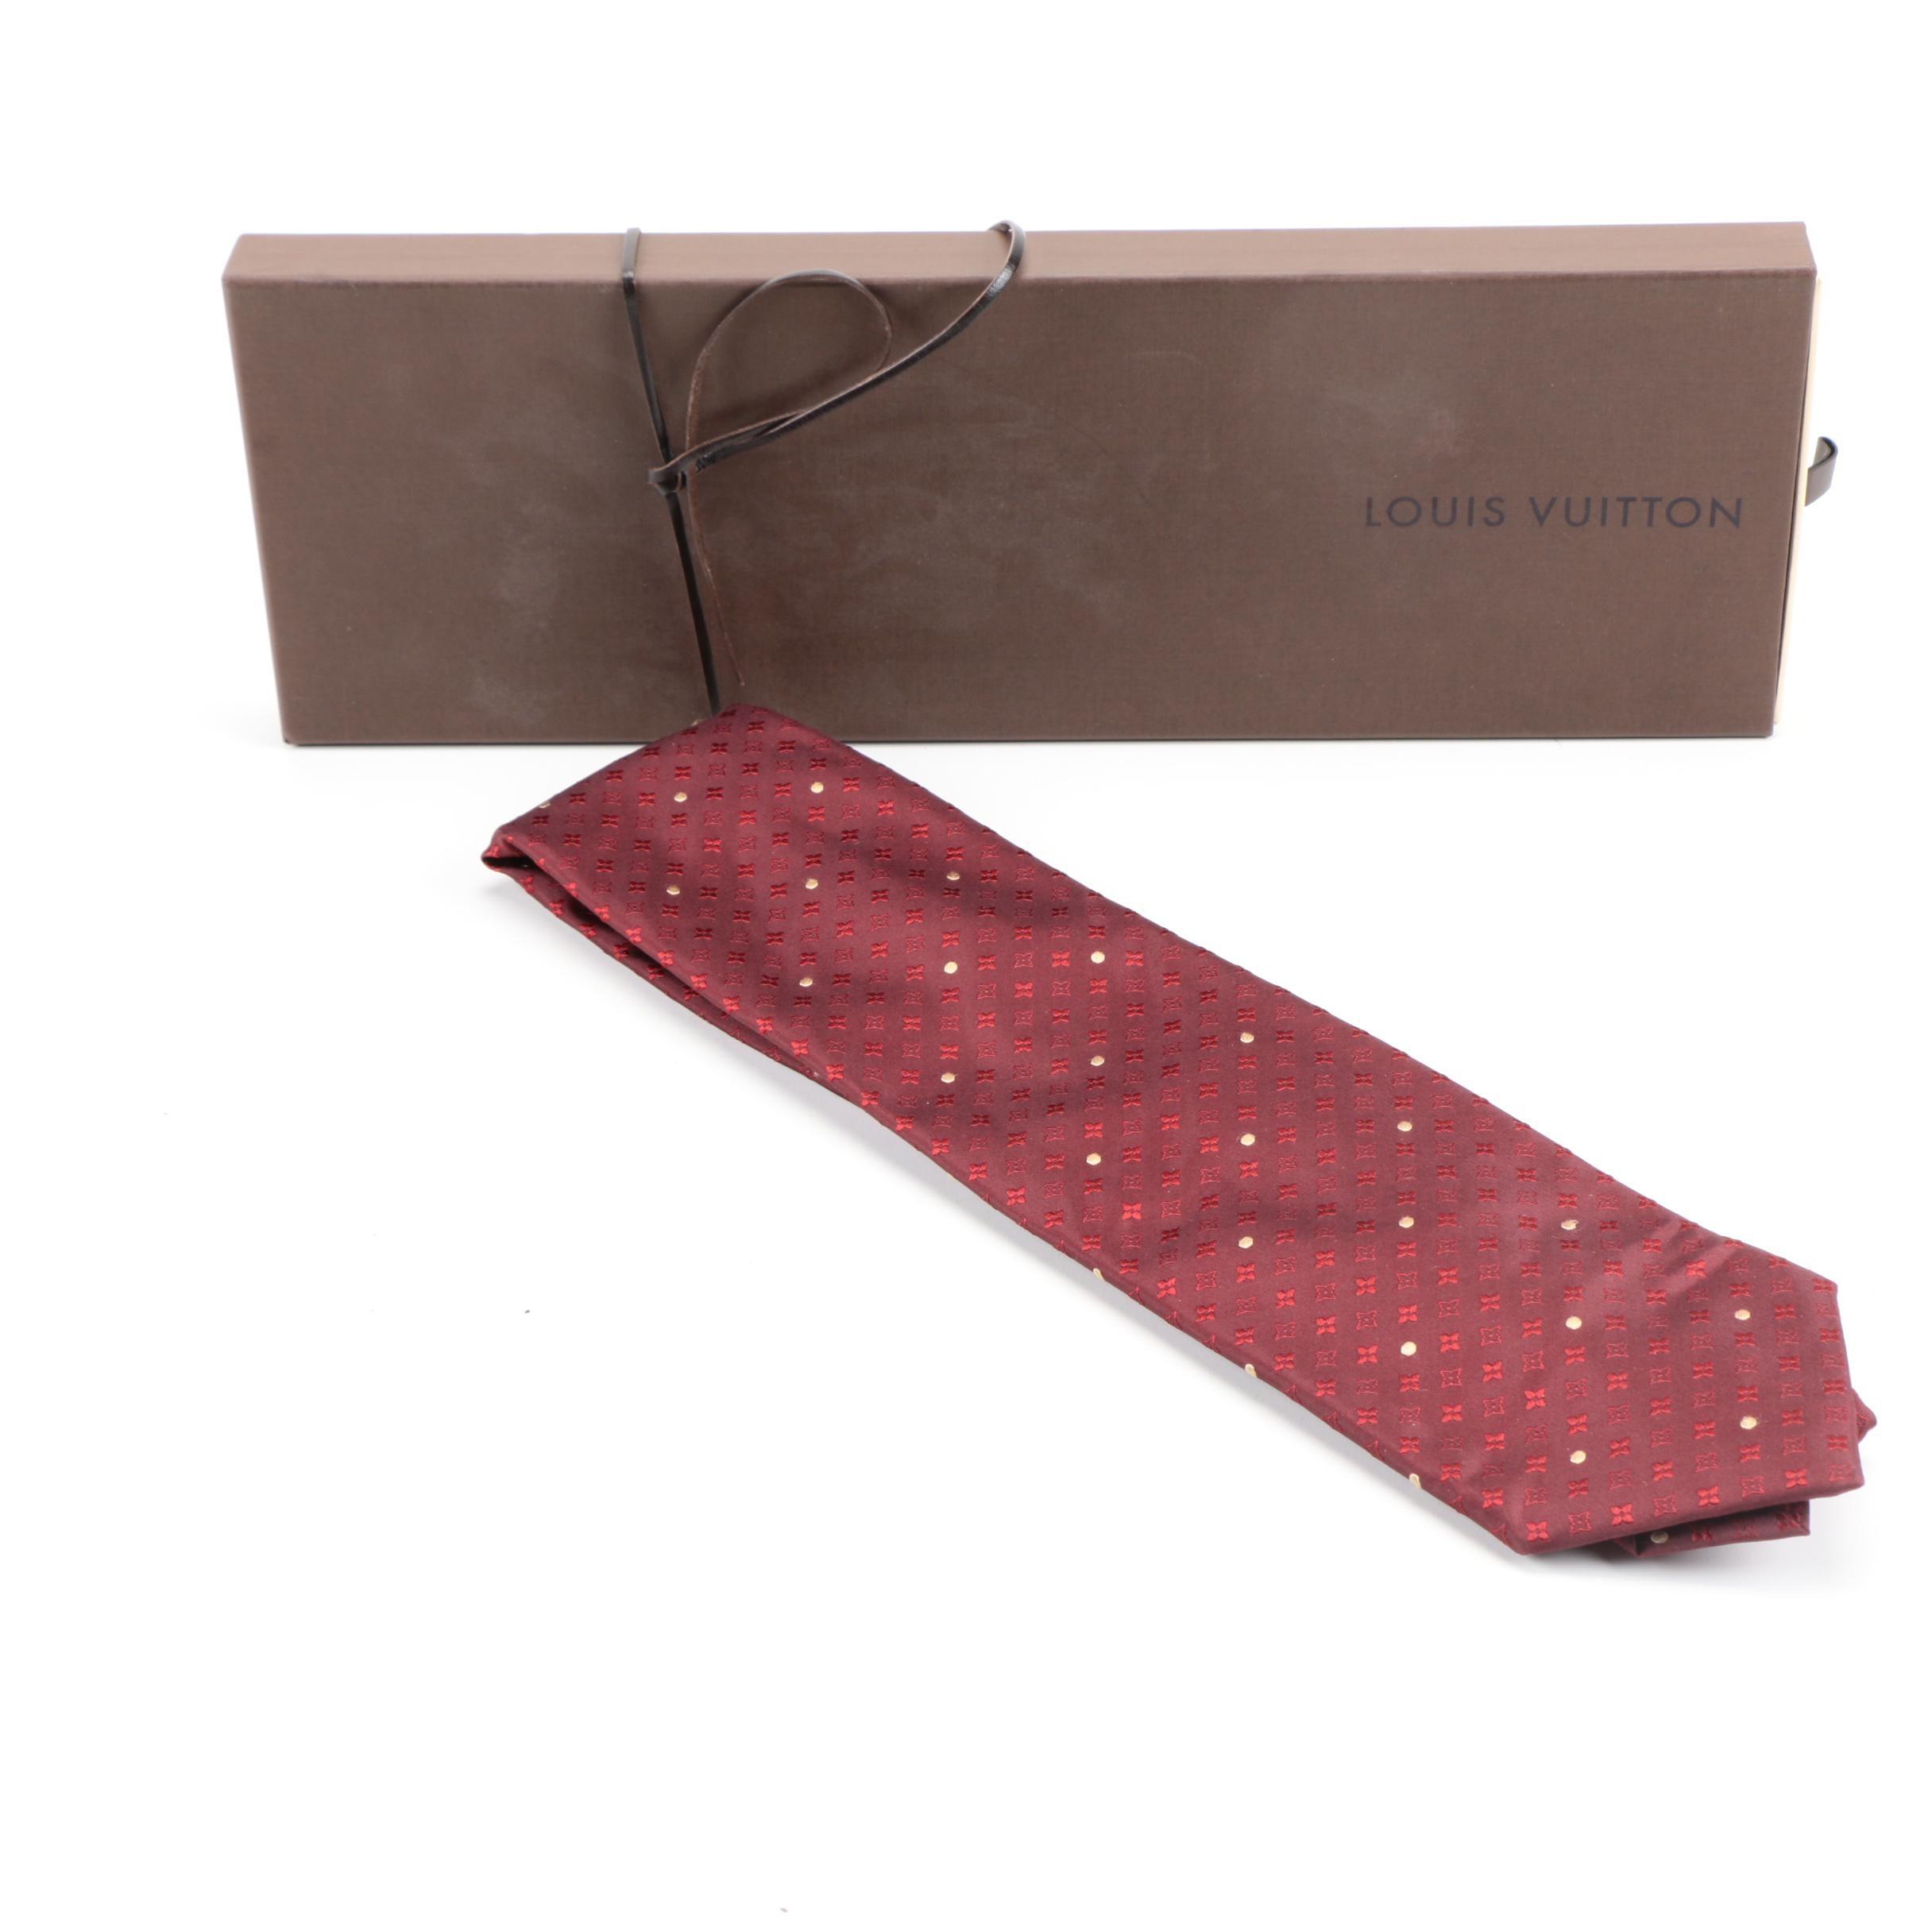 Louis Vuitton Burgundy and Cream Silk Tie